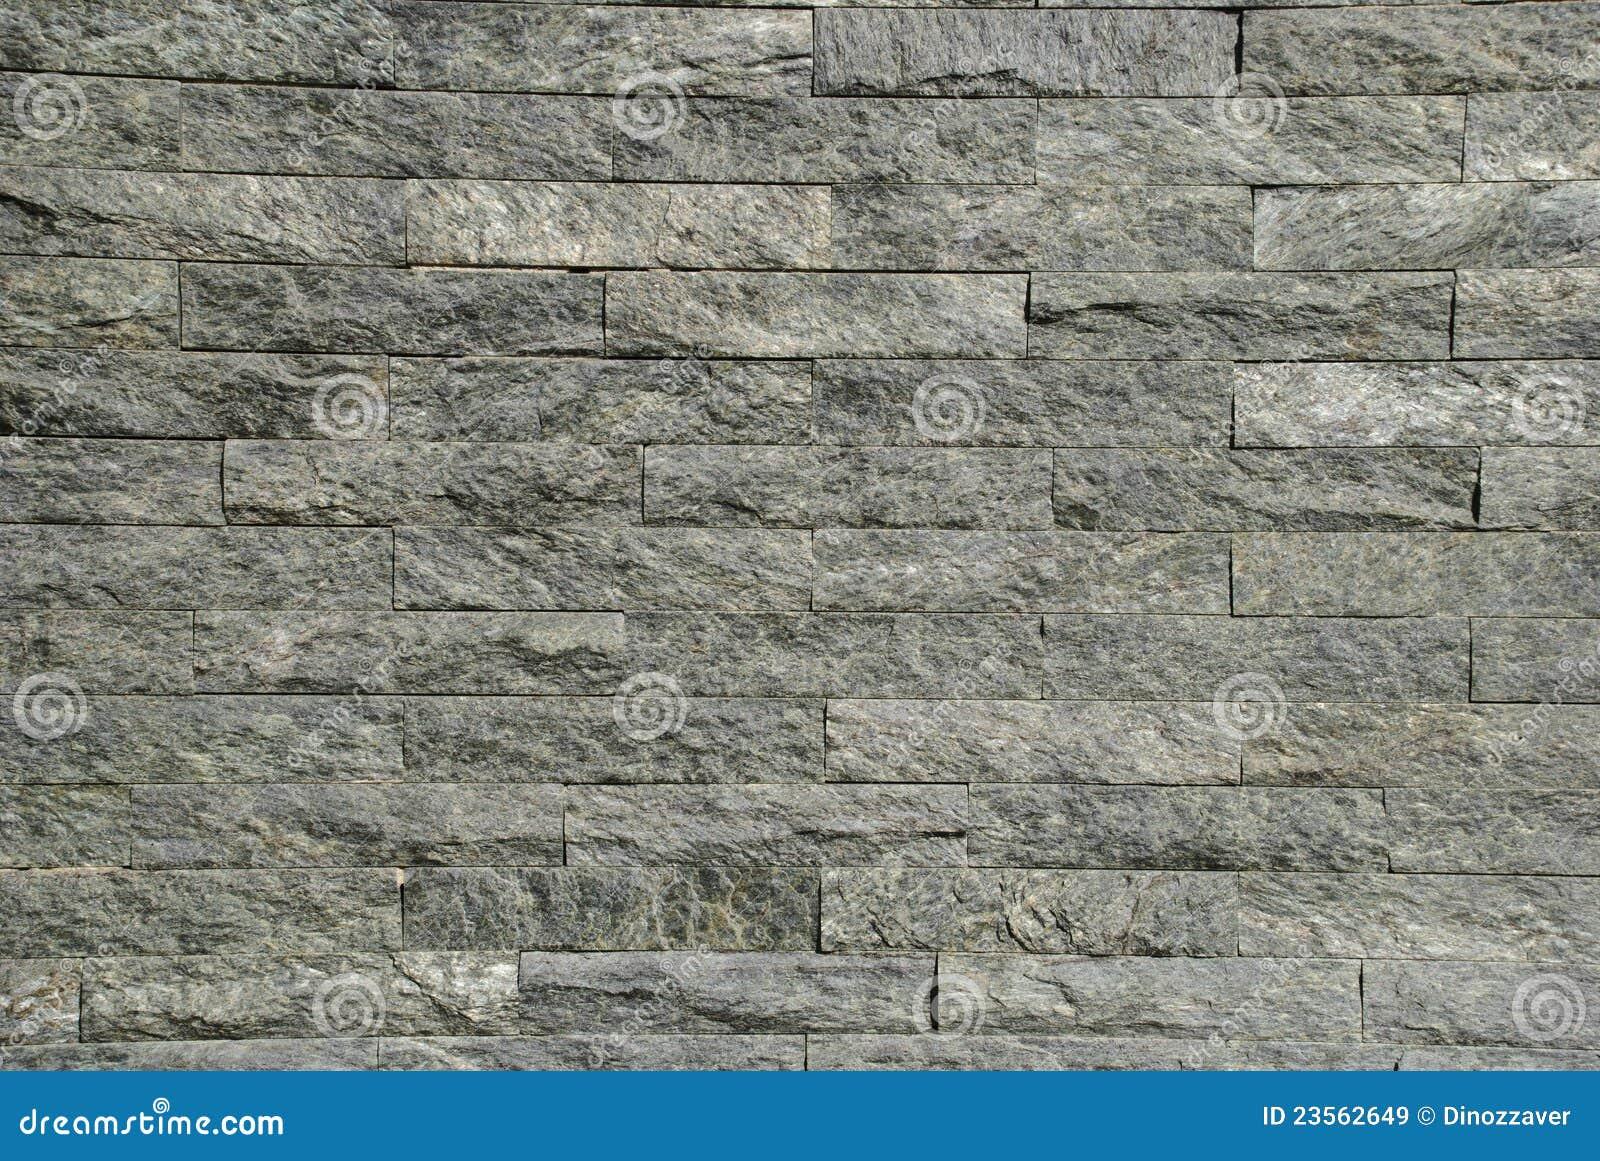 Textura de piedra de los ladrillos im genes de archivo - Ladrillos de piedra ...